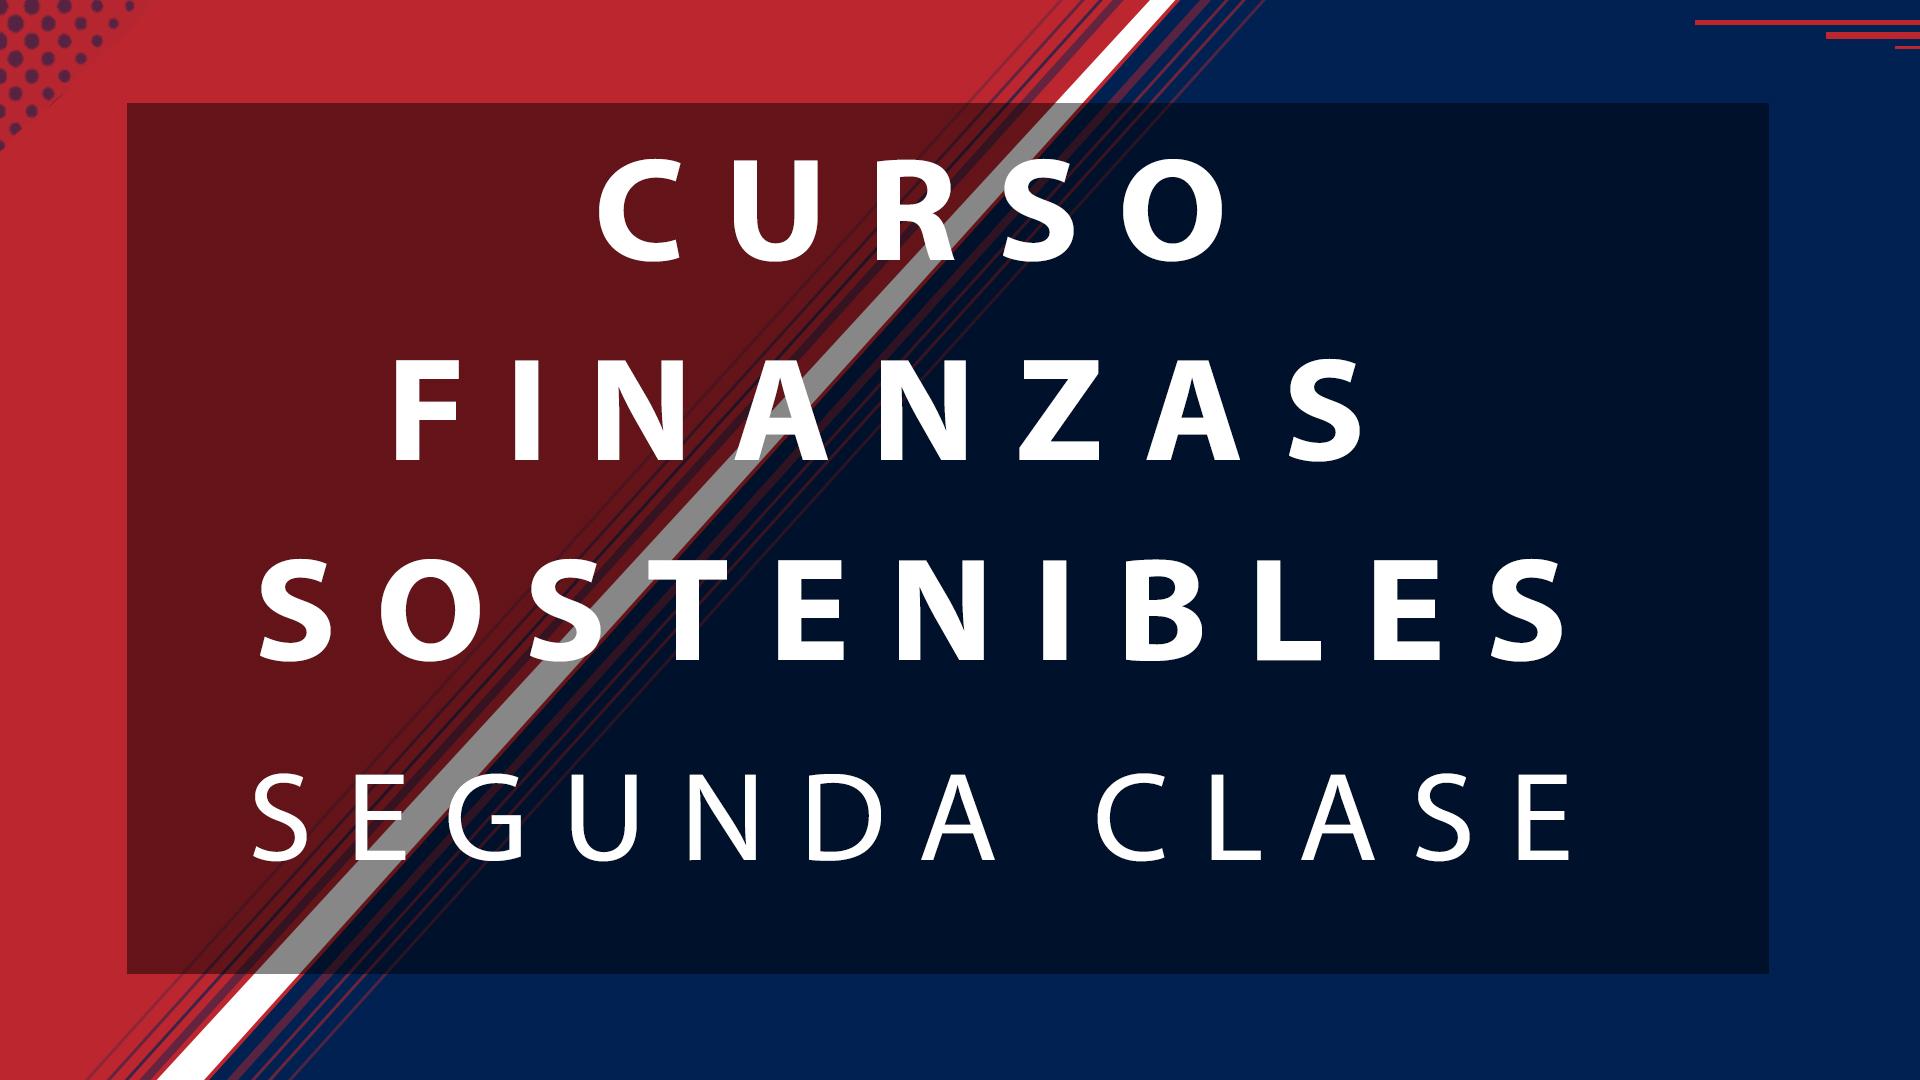 SEGUNDA CLASE CURSO FINANZAS SOSTENIBLES I